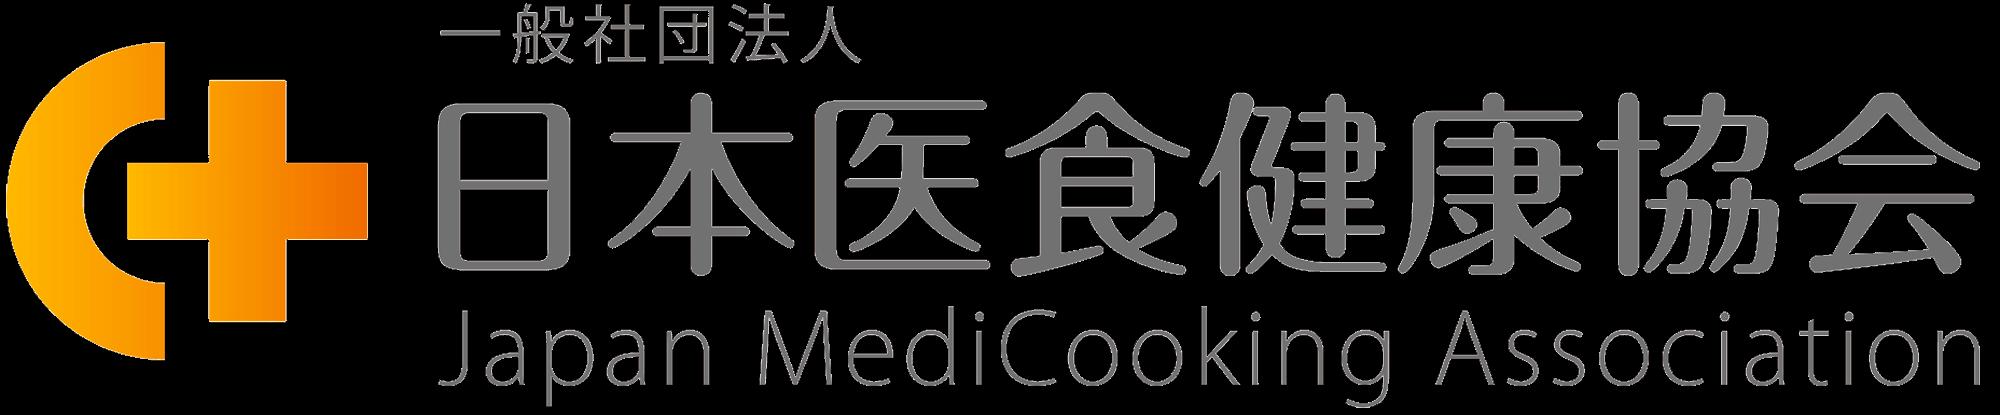 一般社団法人 日本医食健康協会